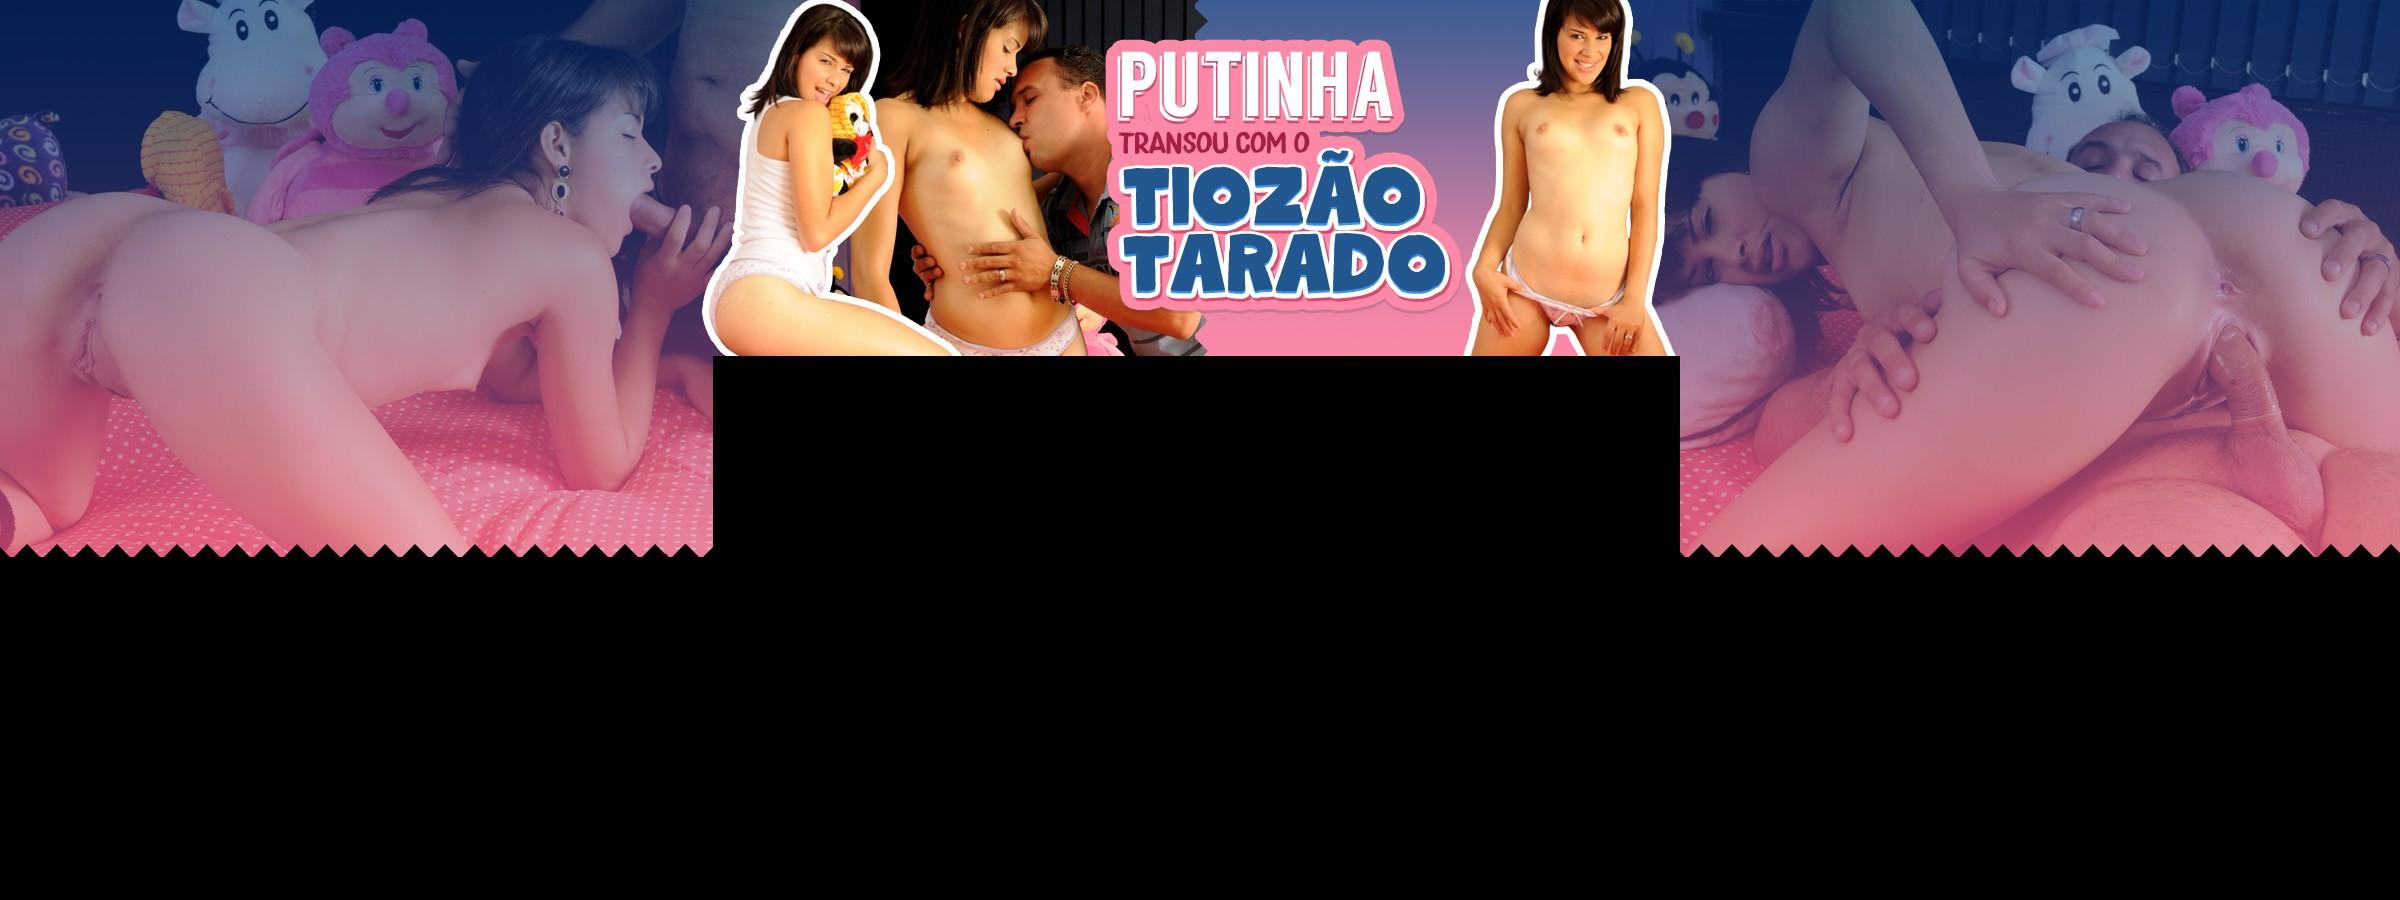 Putinha Bianca Mattos transou com o Tiozão tarado